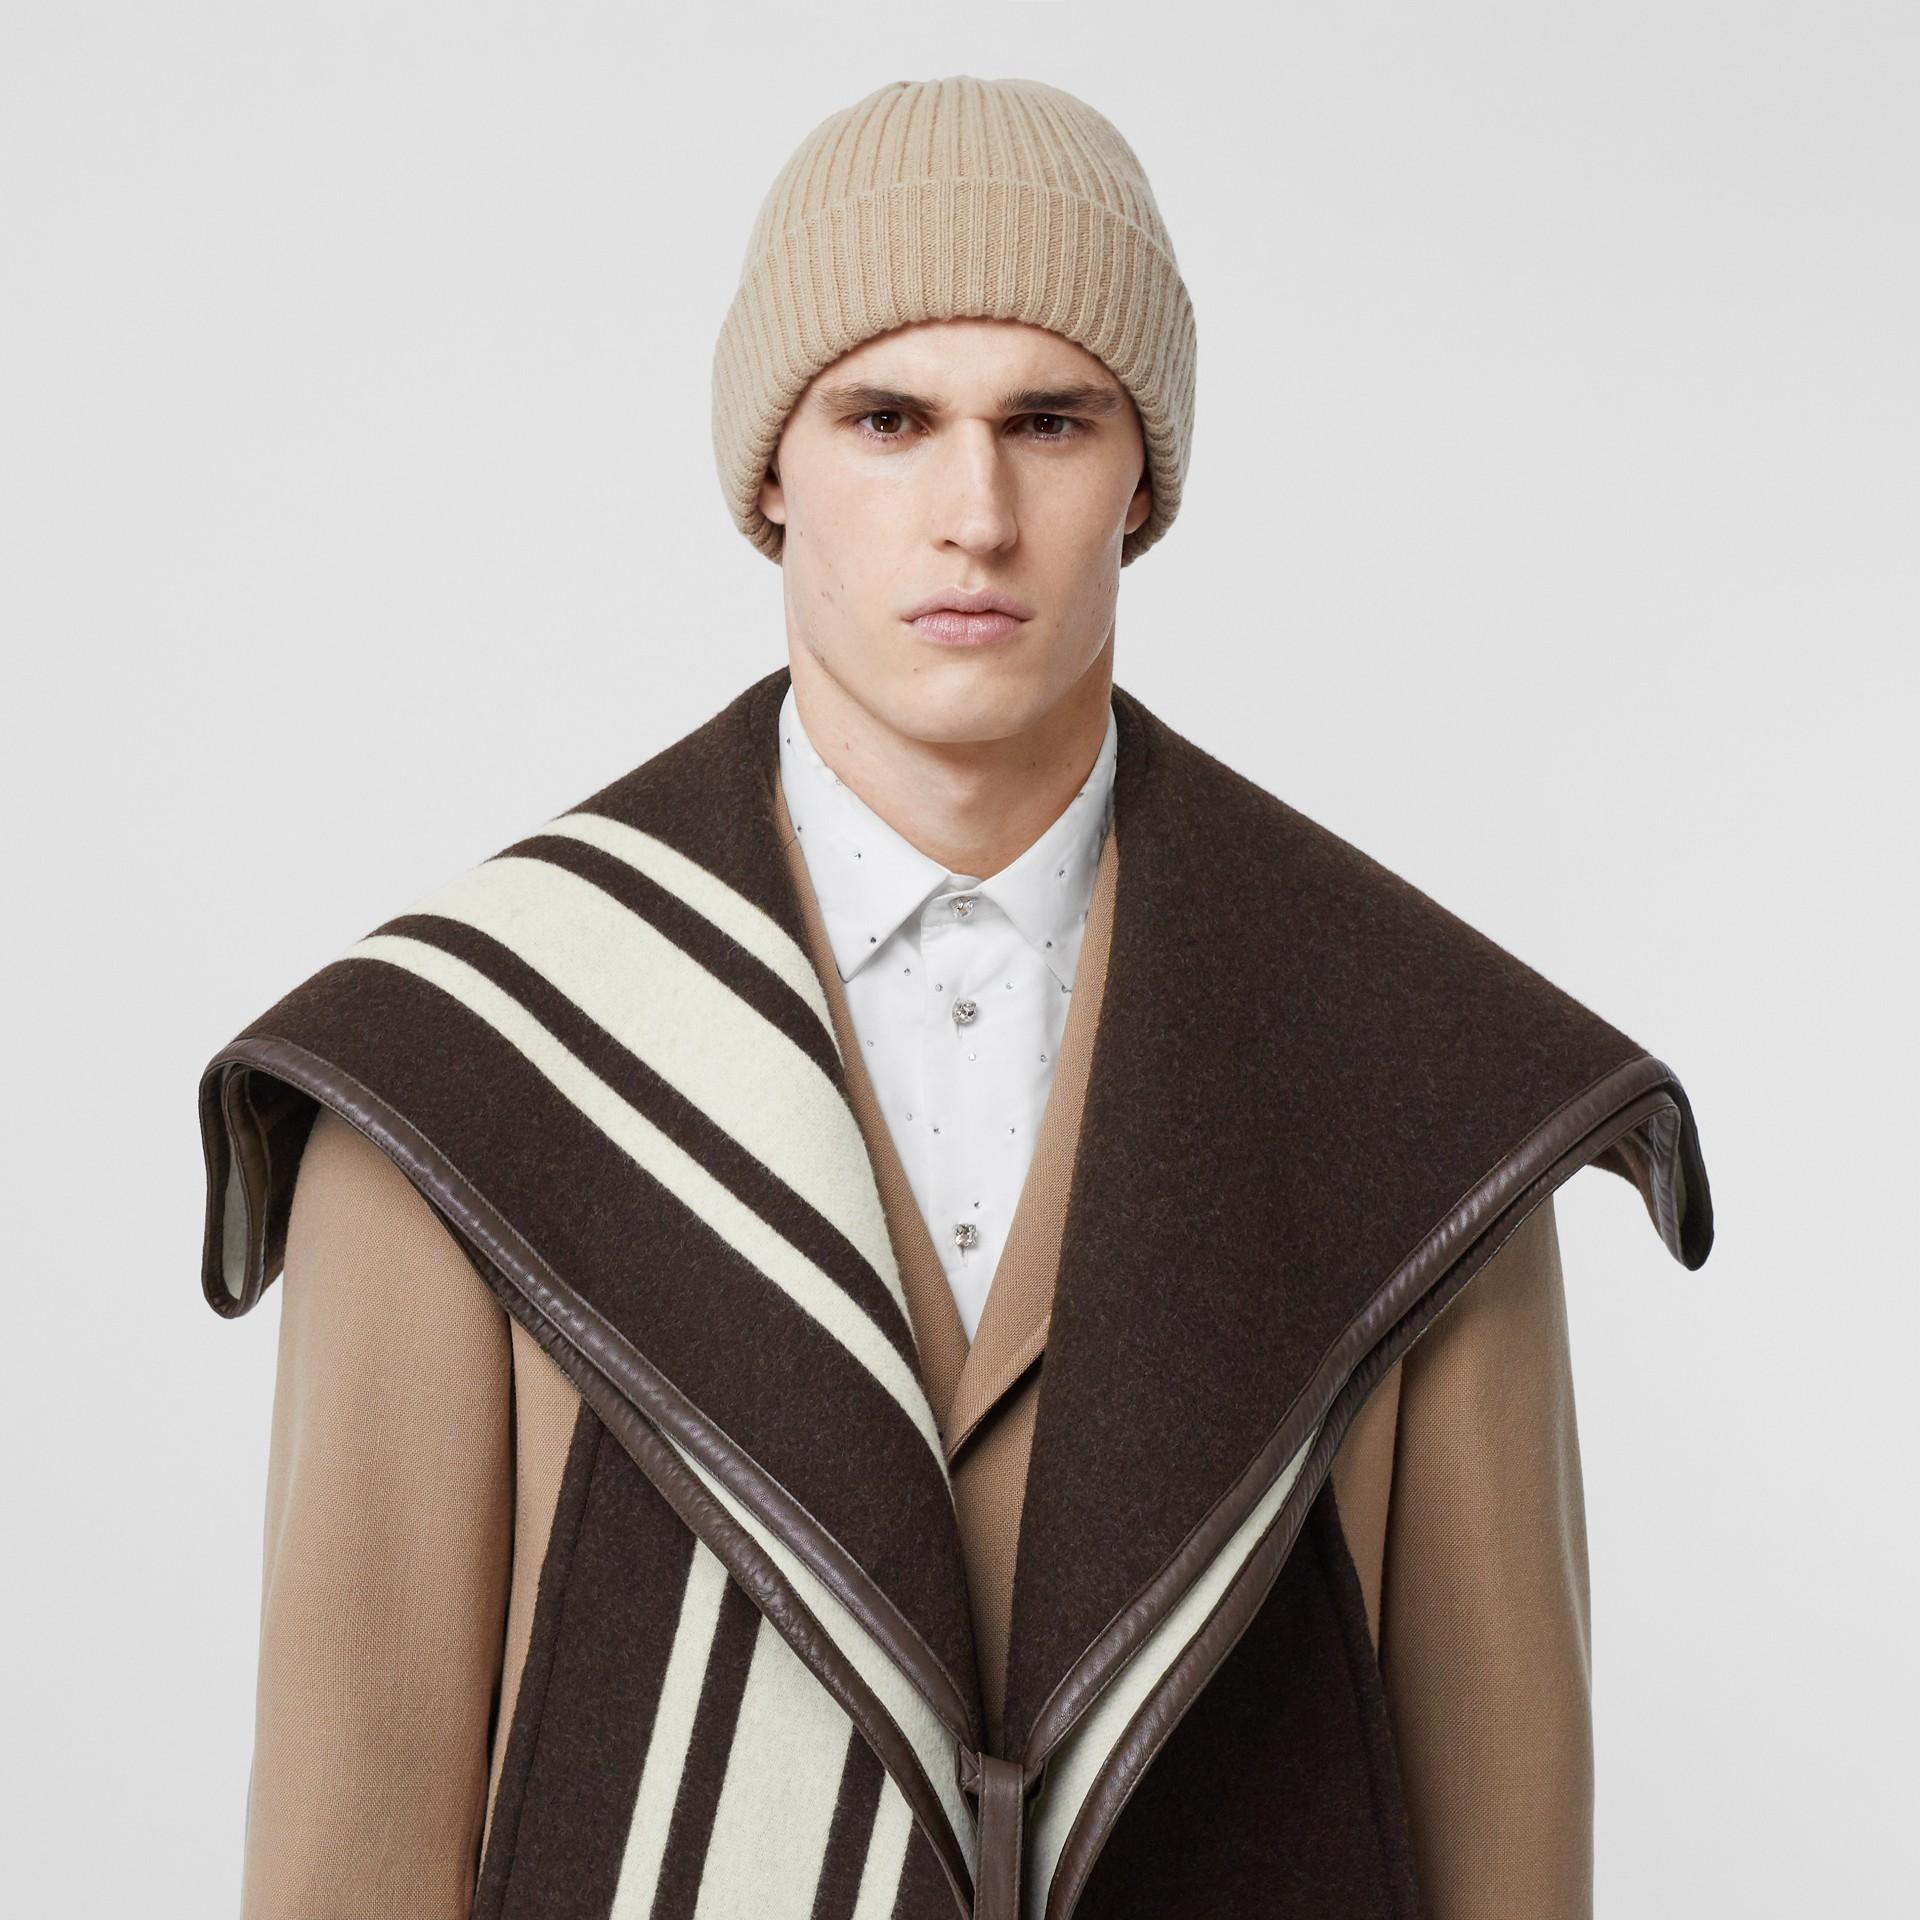 羔羊皮飾帶條紋細節設計羊毛提花披肩 (棕色) - 女款 | Burberry - 圖庫照片 7